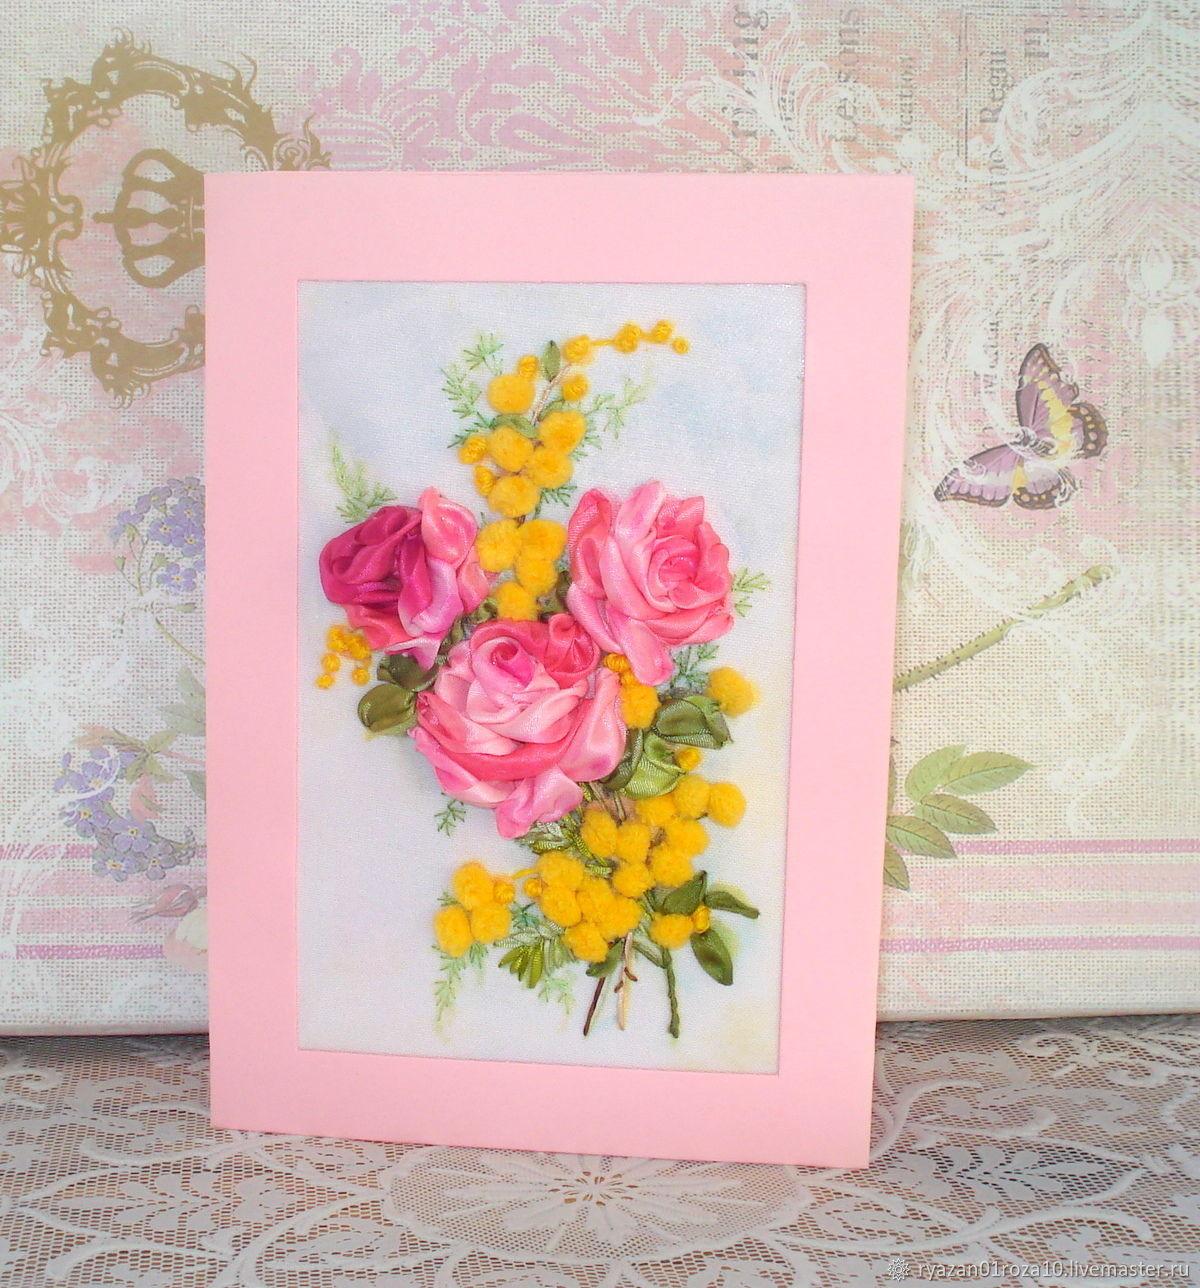 Занятия аппликации, украсить на открытке из роз